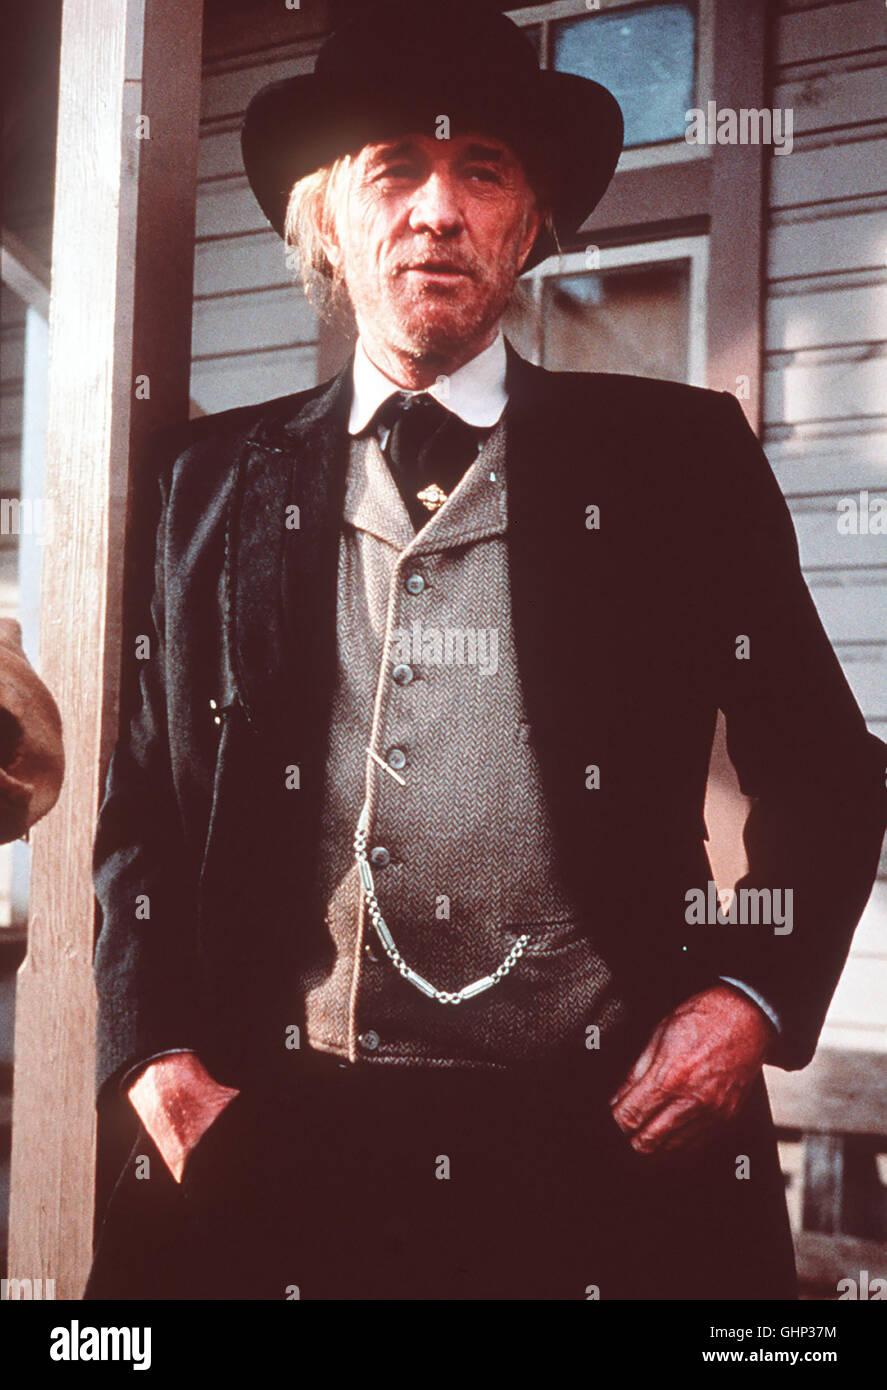 früher war Bill Munny ein eiskalter Revolverheld. Dann wurde er seßhaft - doch nun ist er wieder unterwegs. Mit Stock Photo